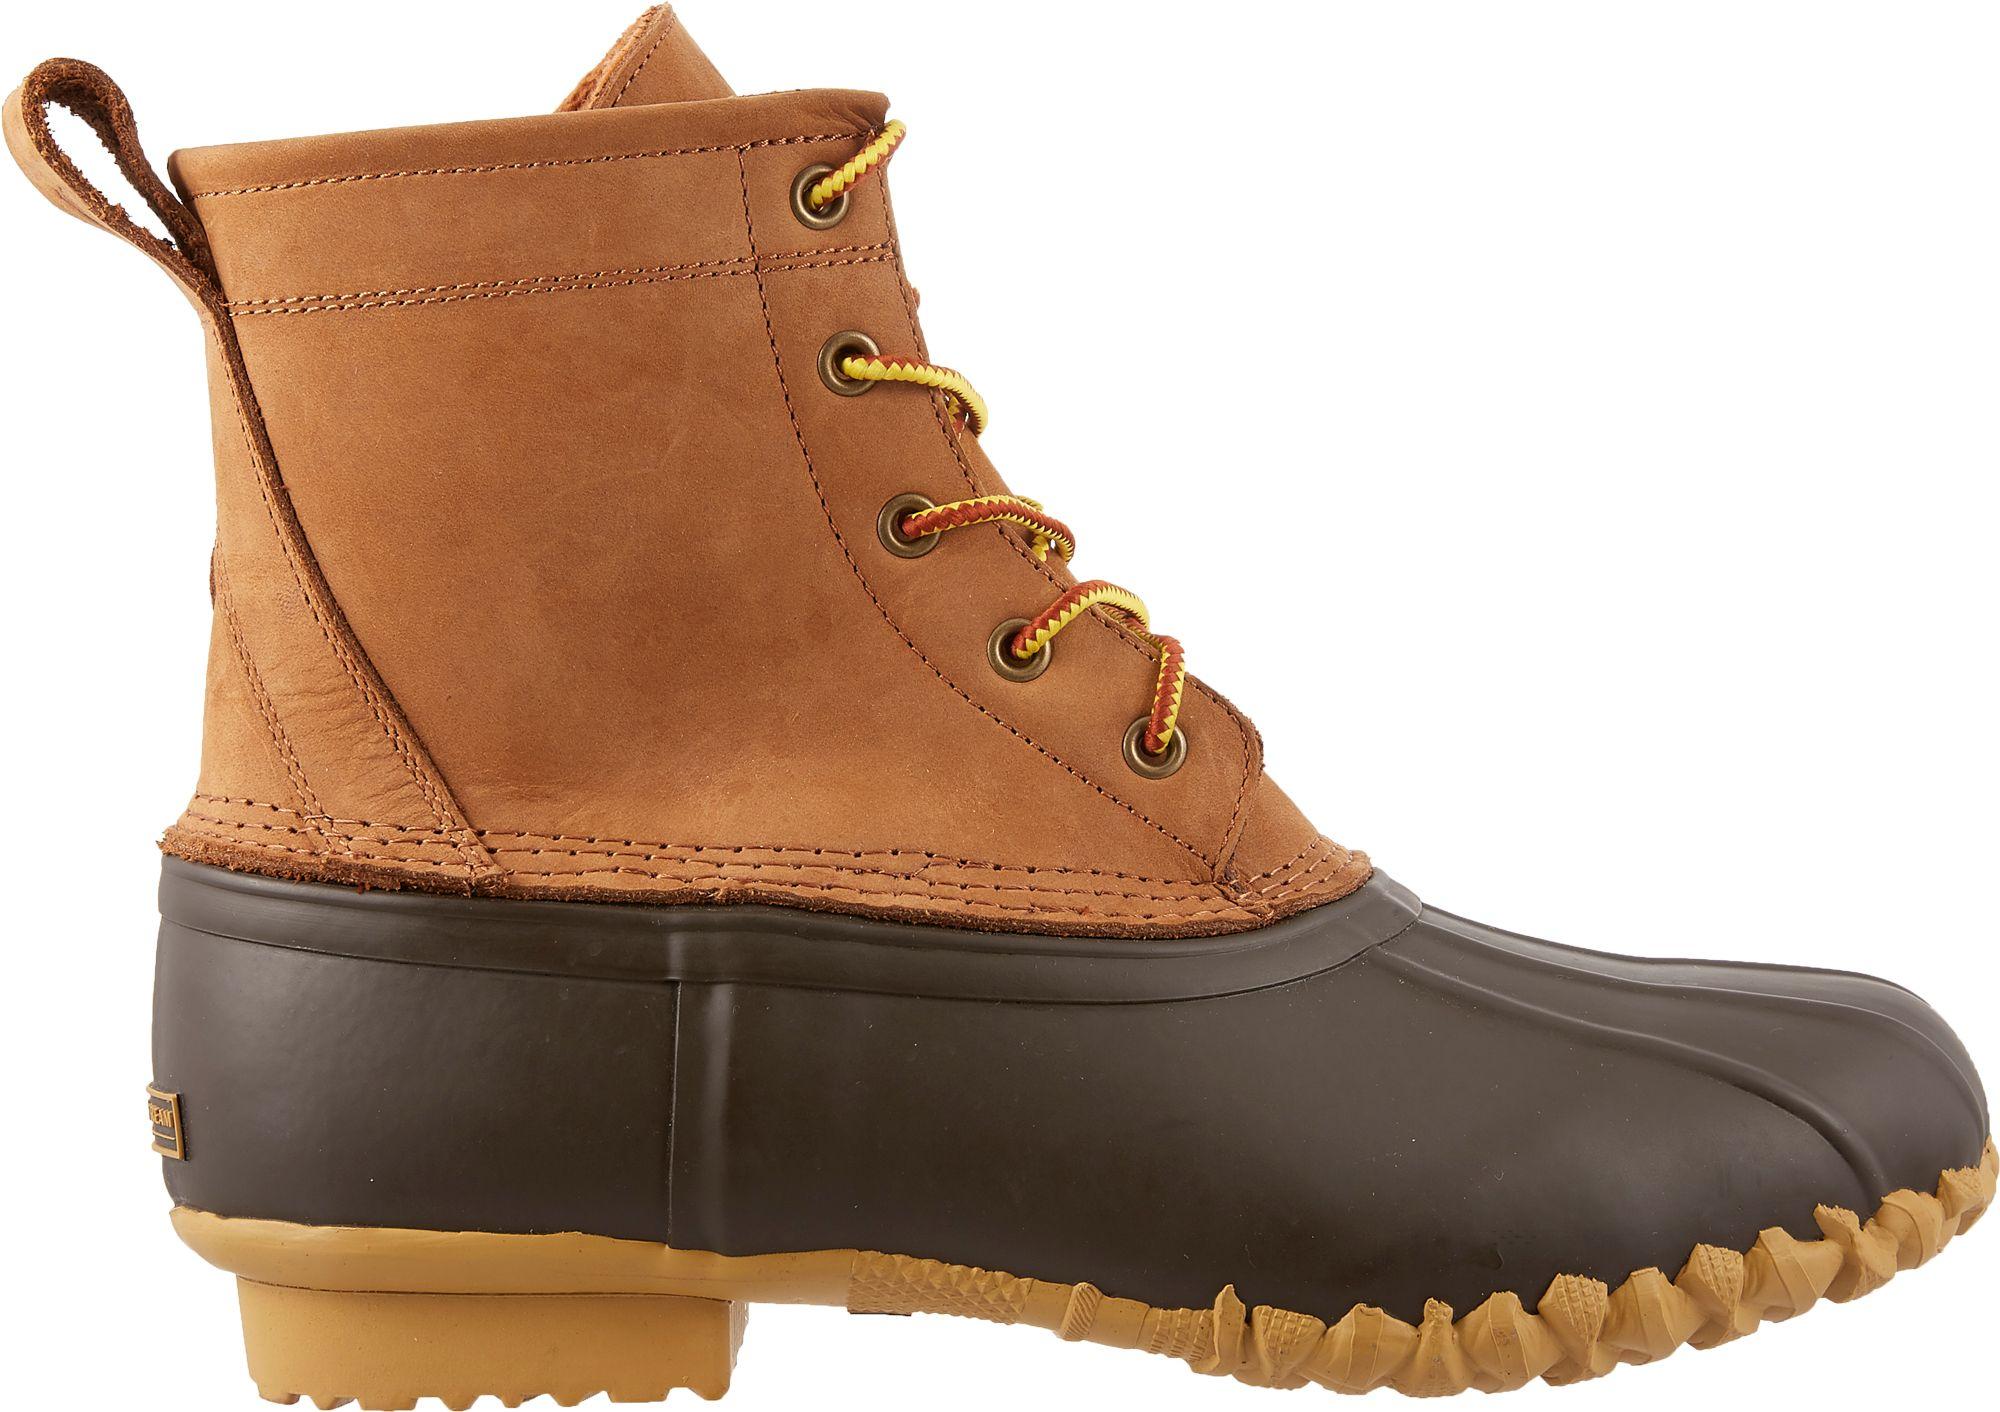 duck boots noimagefound ??? XTWGWVE